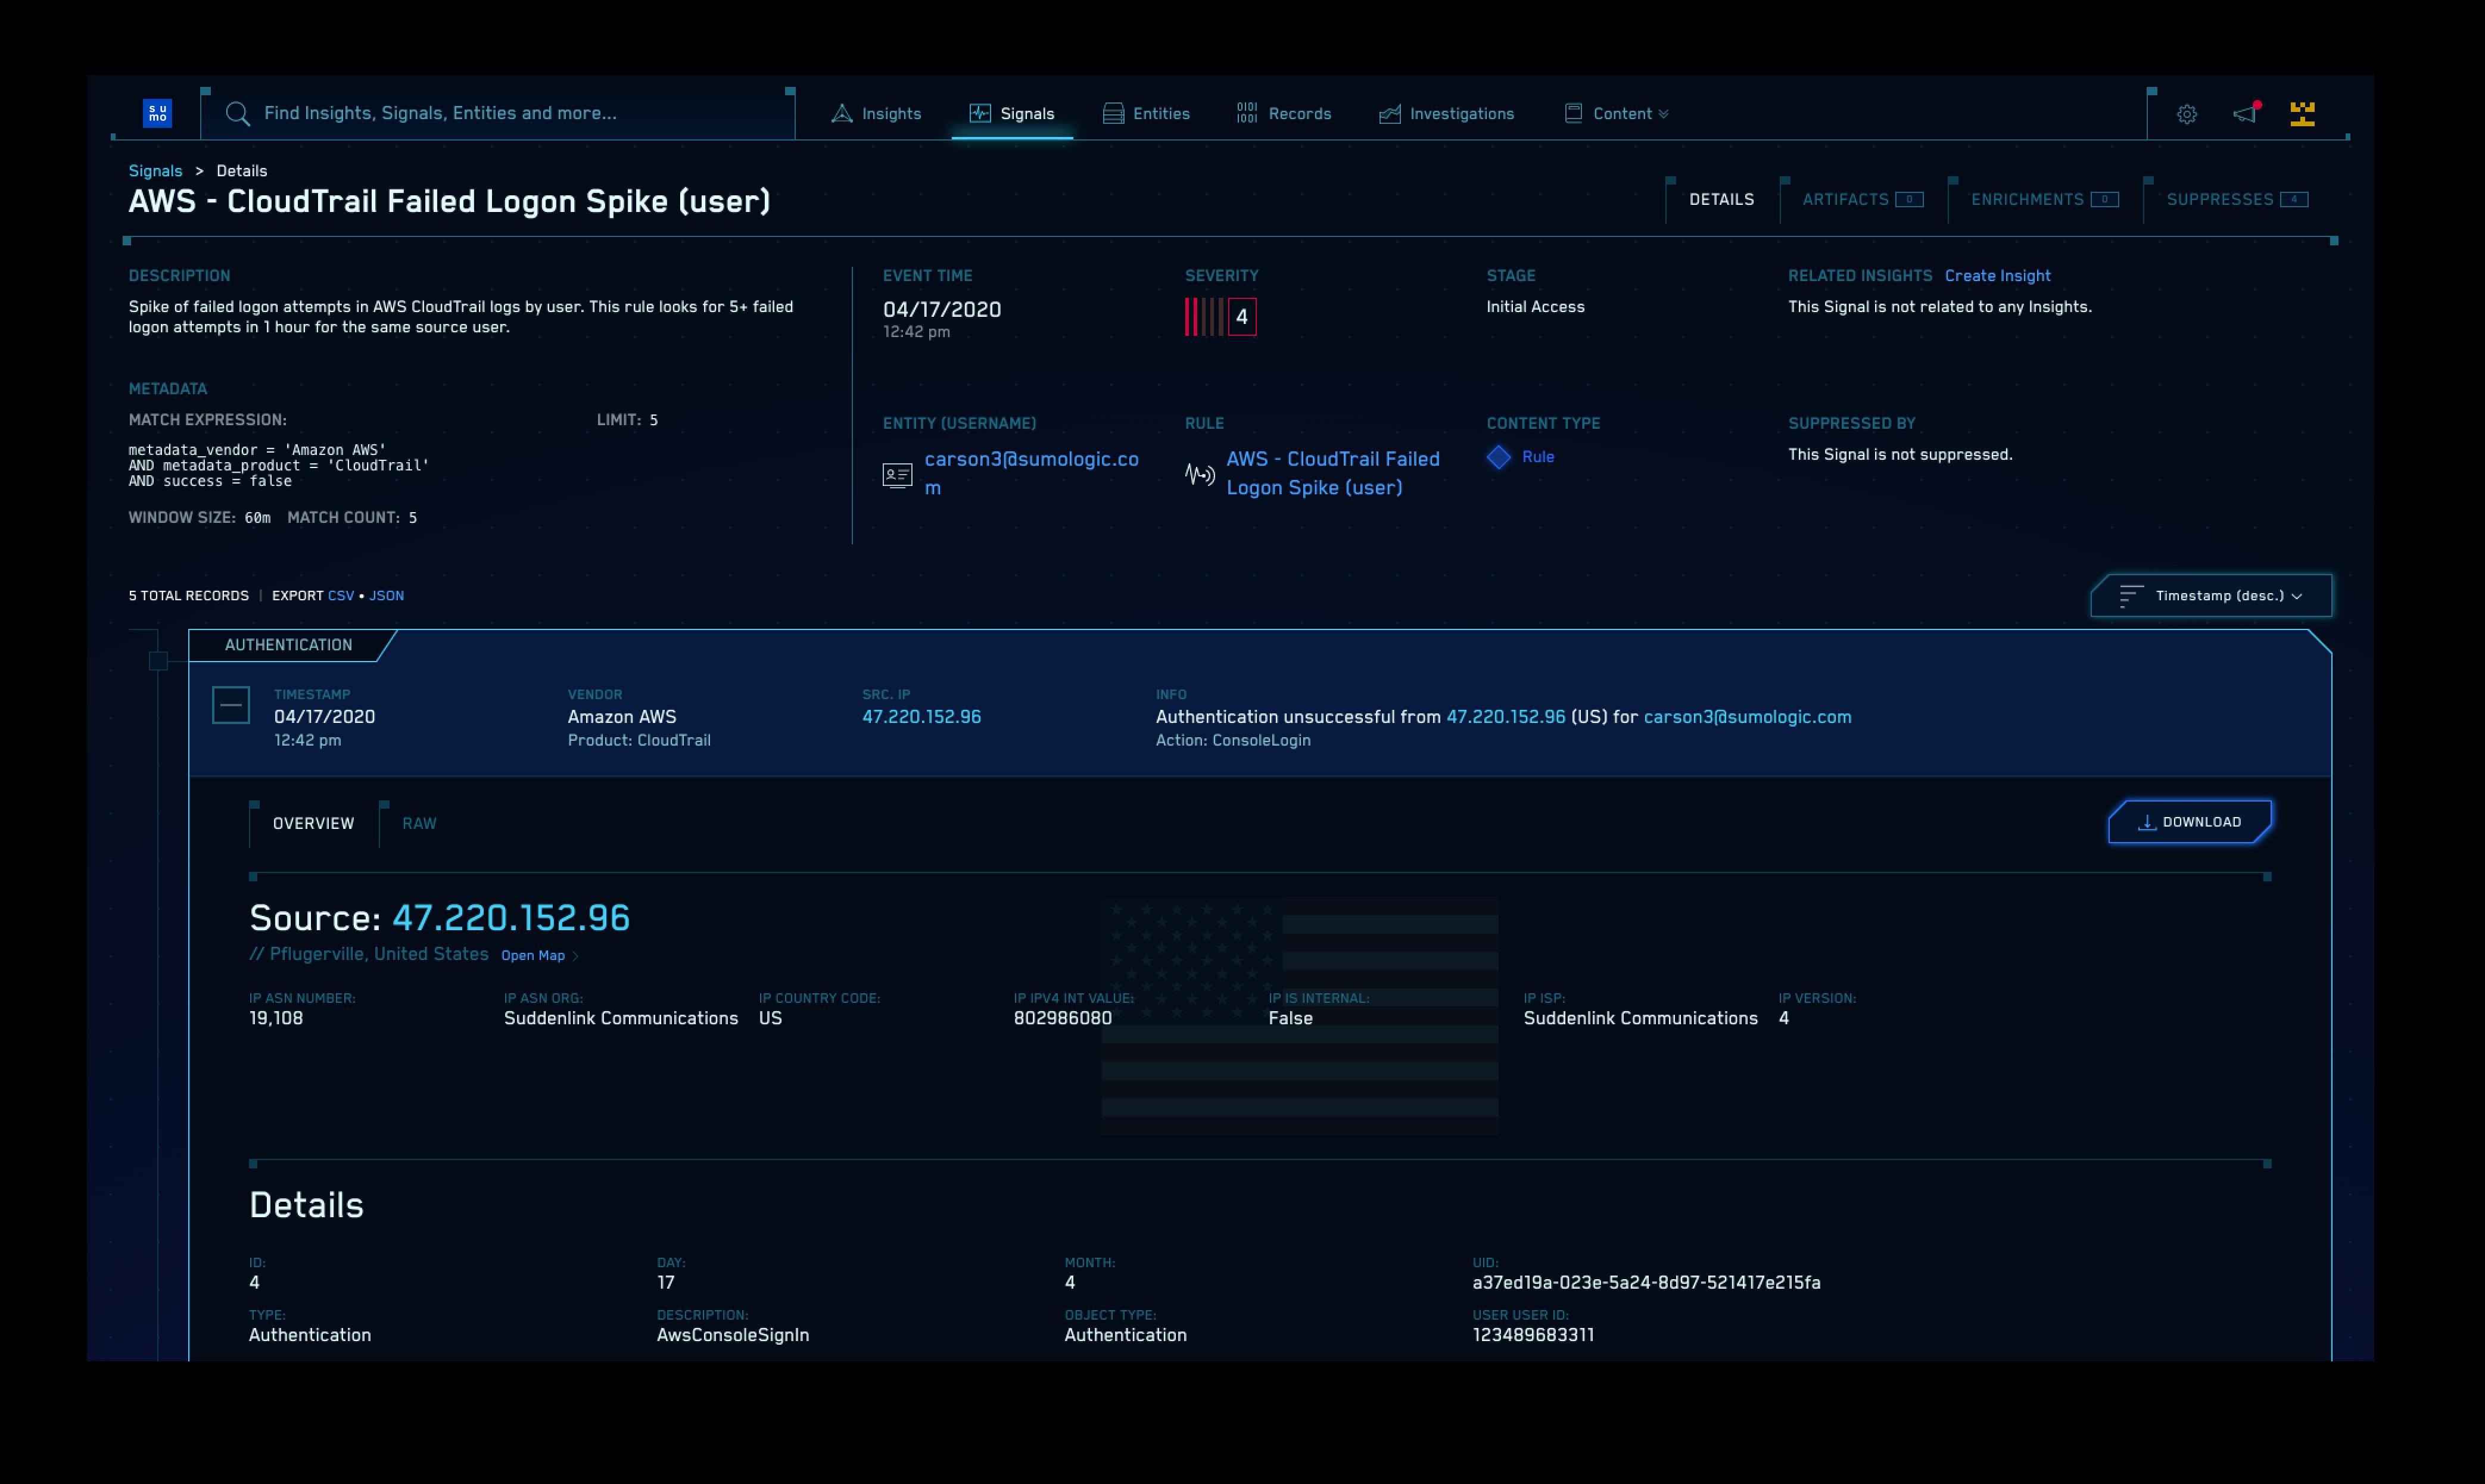 단순한 로그 이상의 원격 보안 정보 수집: 네트워크, 사용자, 애셋 및 API